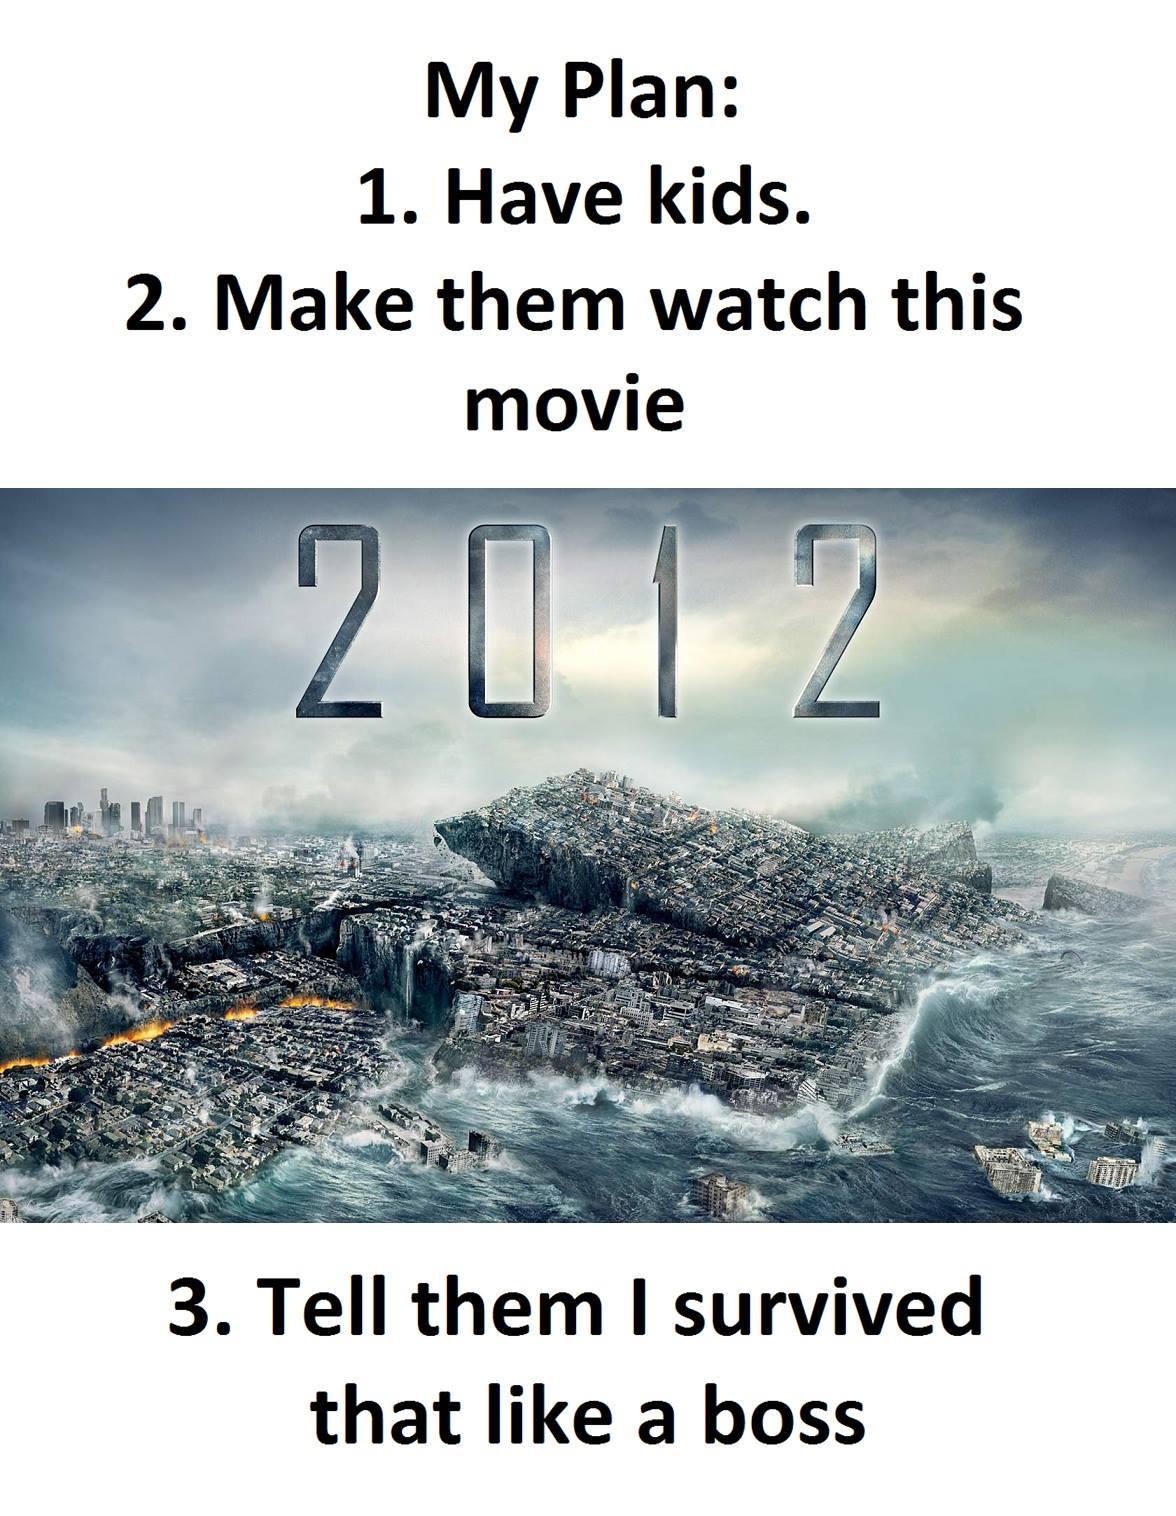 My Plan...